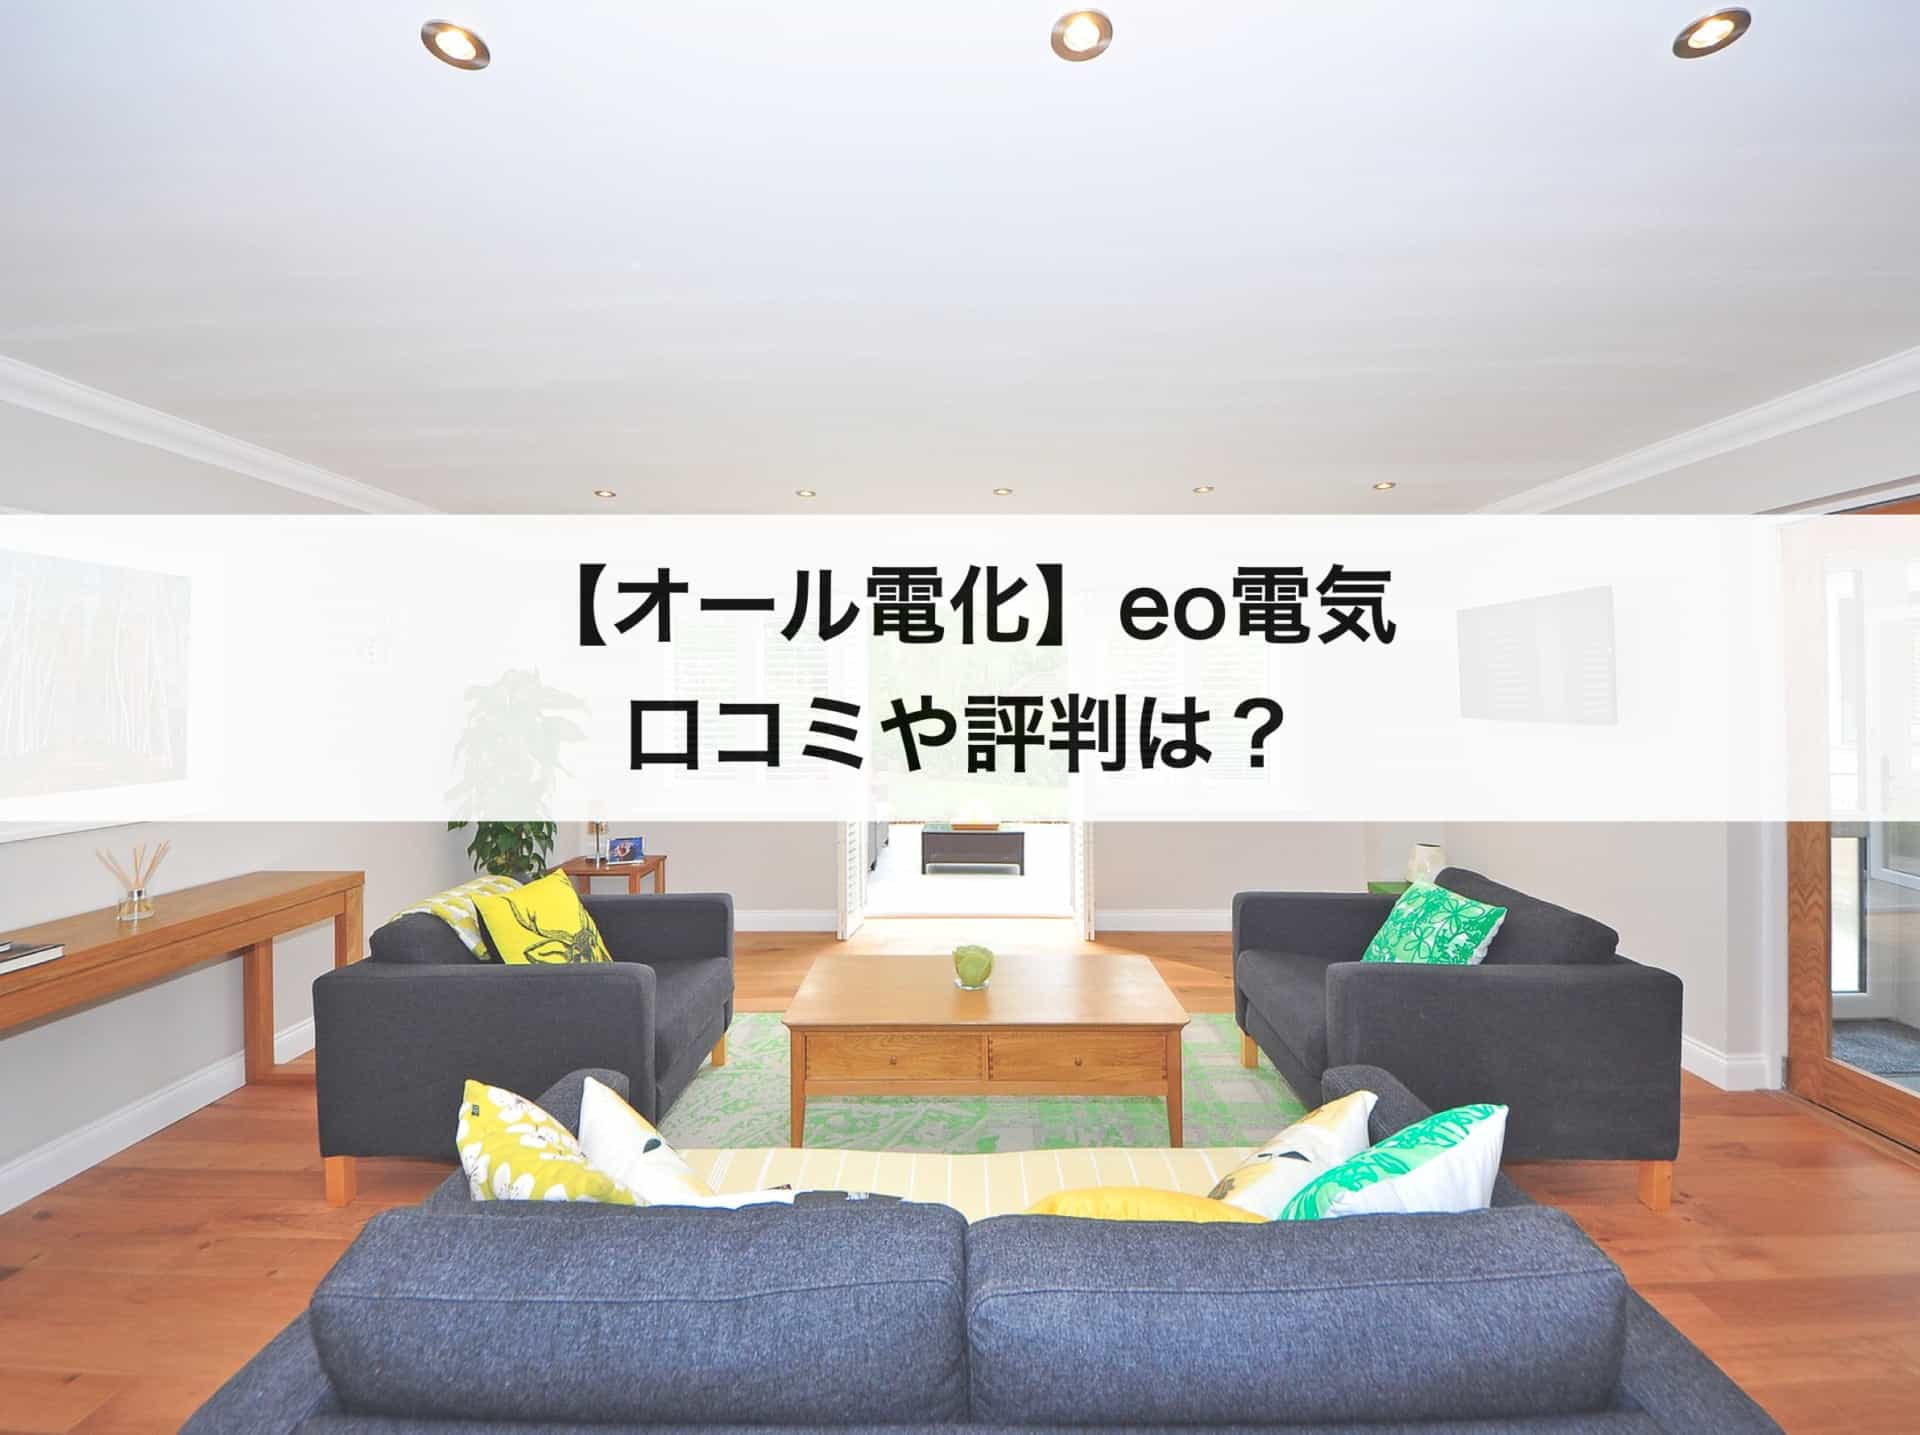 【オール電化プラン】eo電気(オプテージ)の口コミや評判|メリット&デメリットを解説!